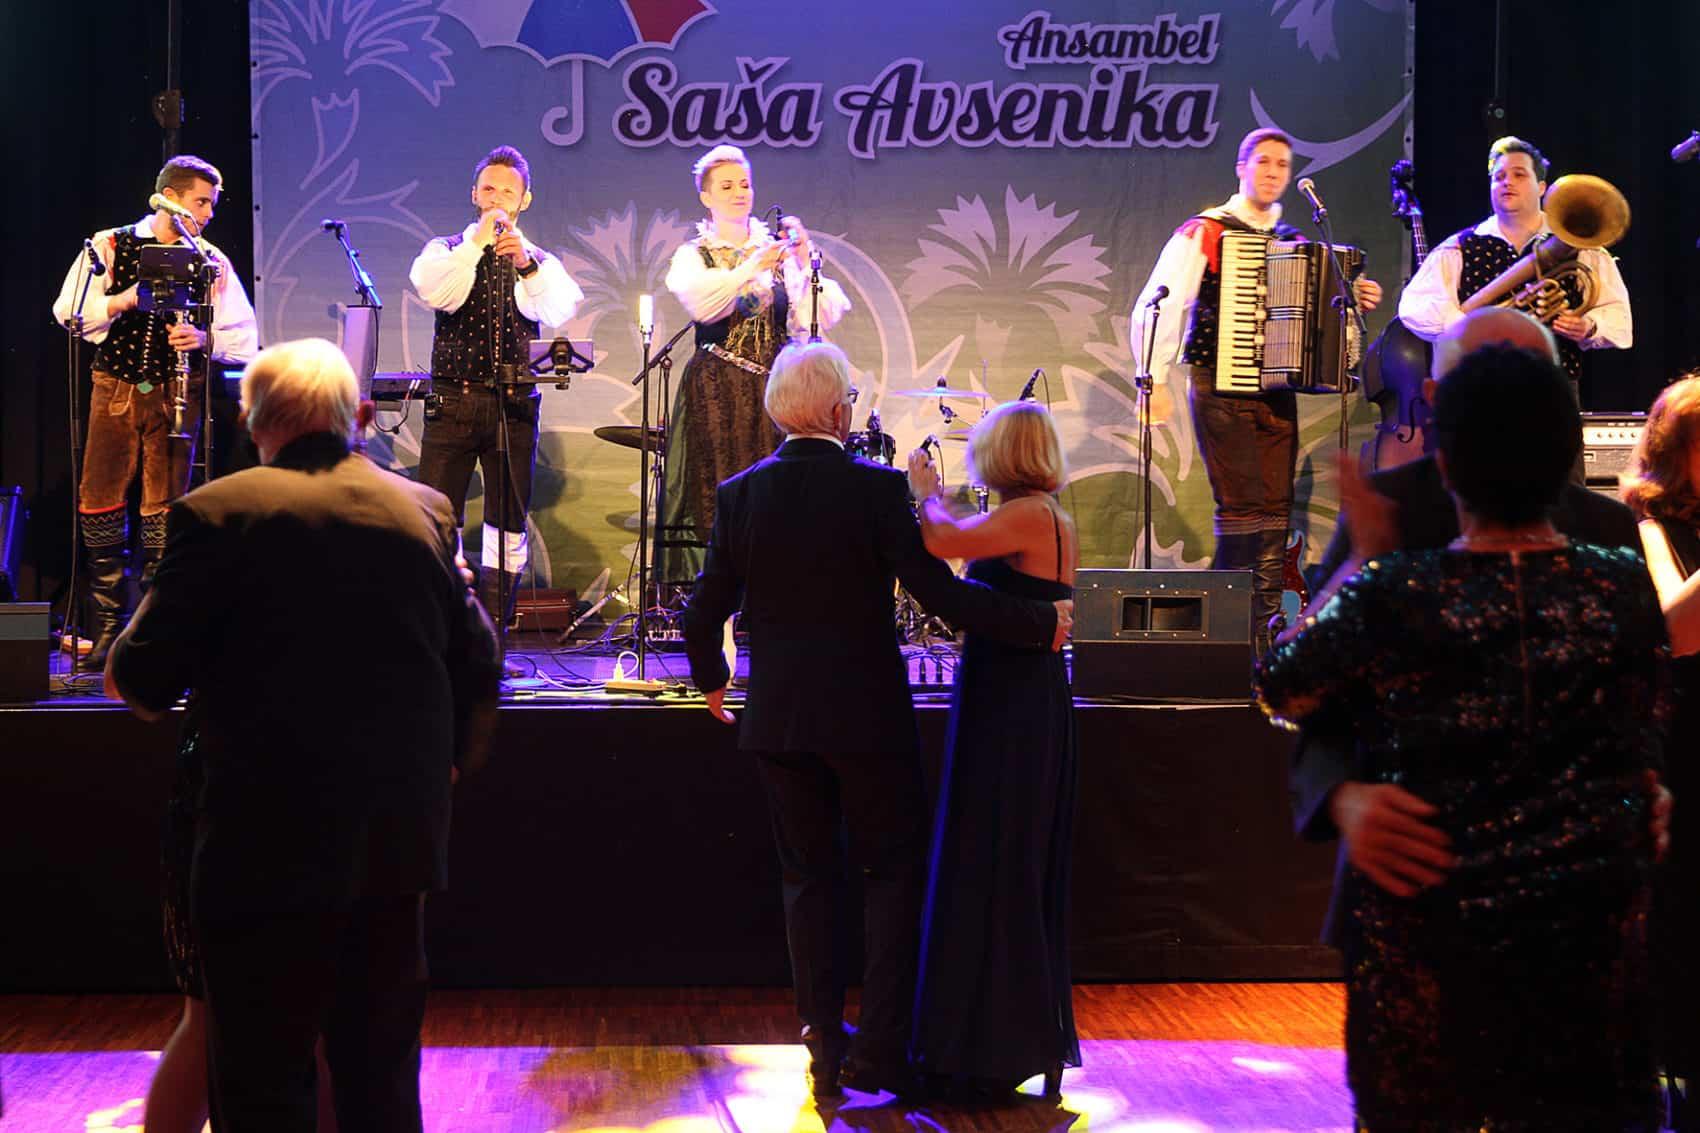 Slovenski_ples_2020_24